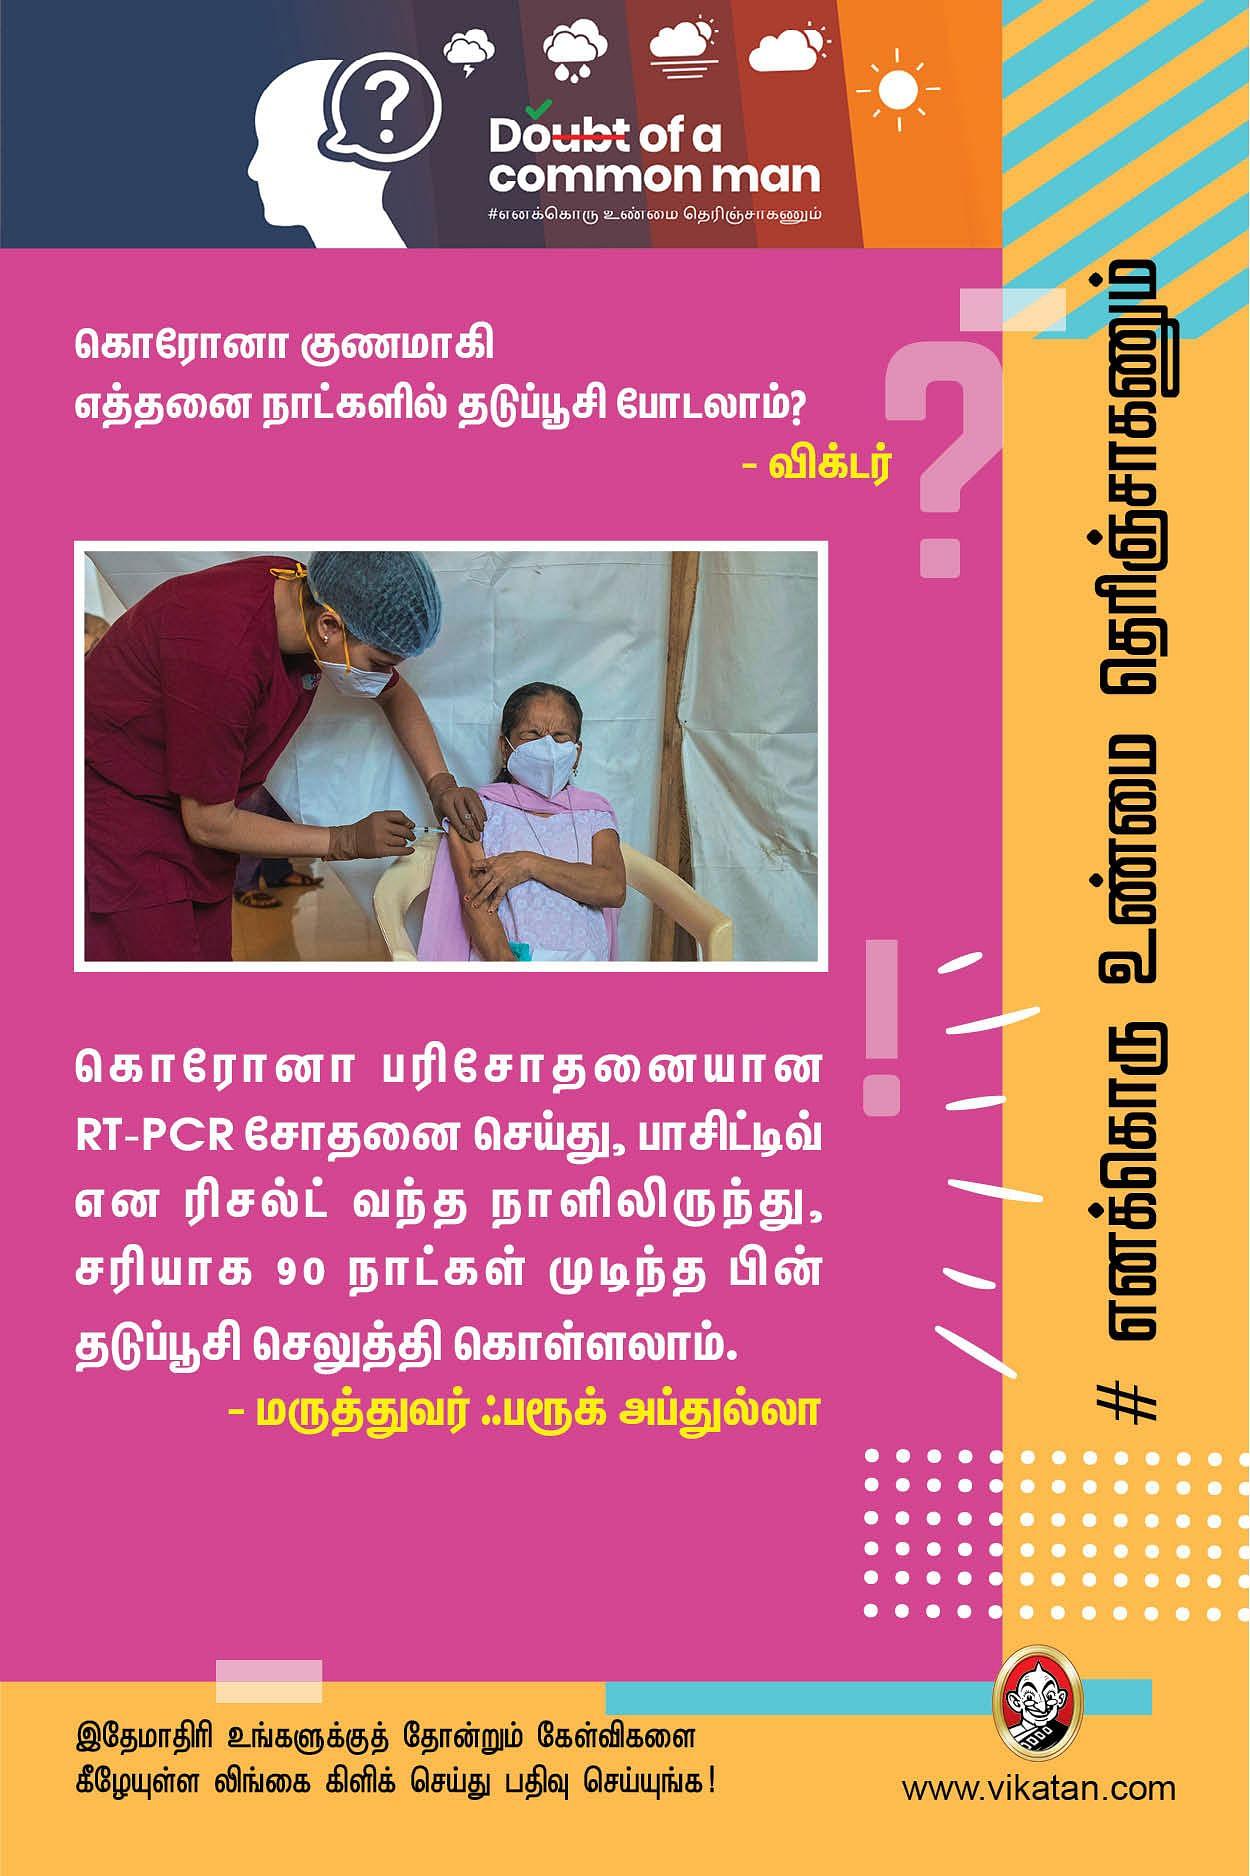 241890968 5014445808614169 4278491685662907184 n Tamil News Spot